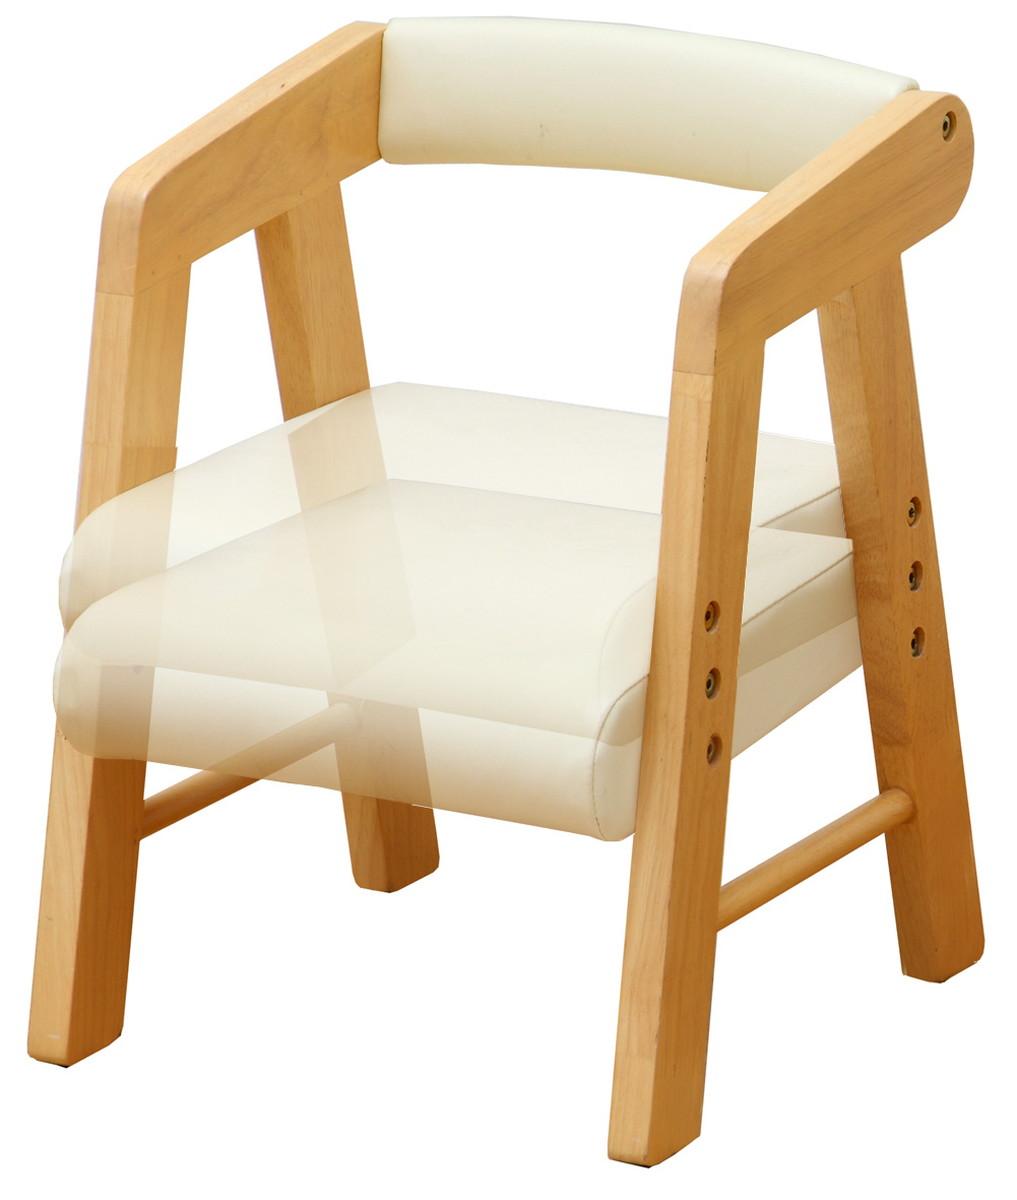 アーム付 キッズチェア チェア 定番の人気シリーズPOINT(ポイント)入荷 キッズチェアー チャイルドチェア 椅子 子供椅子 ローチェア 肘付き 大規模セール kdc-2401 木製 子供用椅子 おしゃれ キッズPVCチェアー